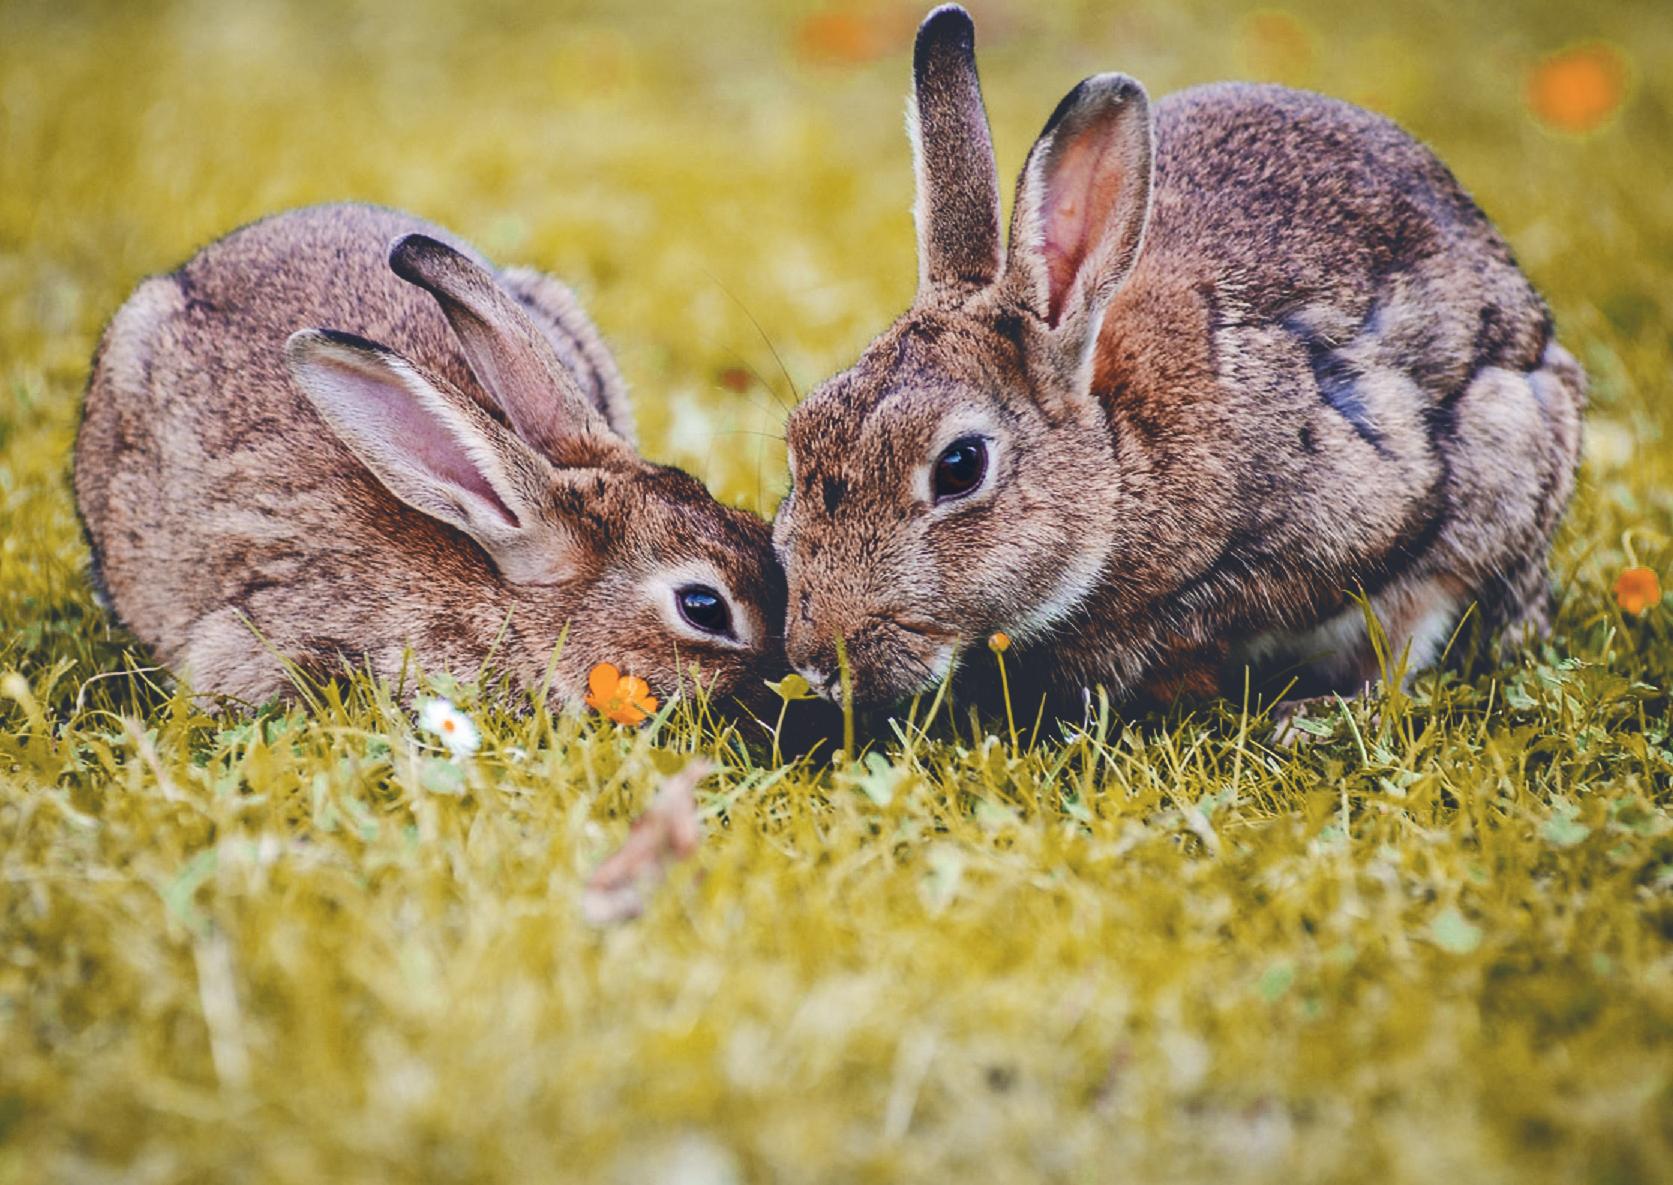 hayvan deneyleri tavşan logosu kozmetik markaları